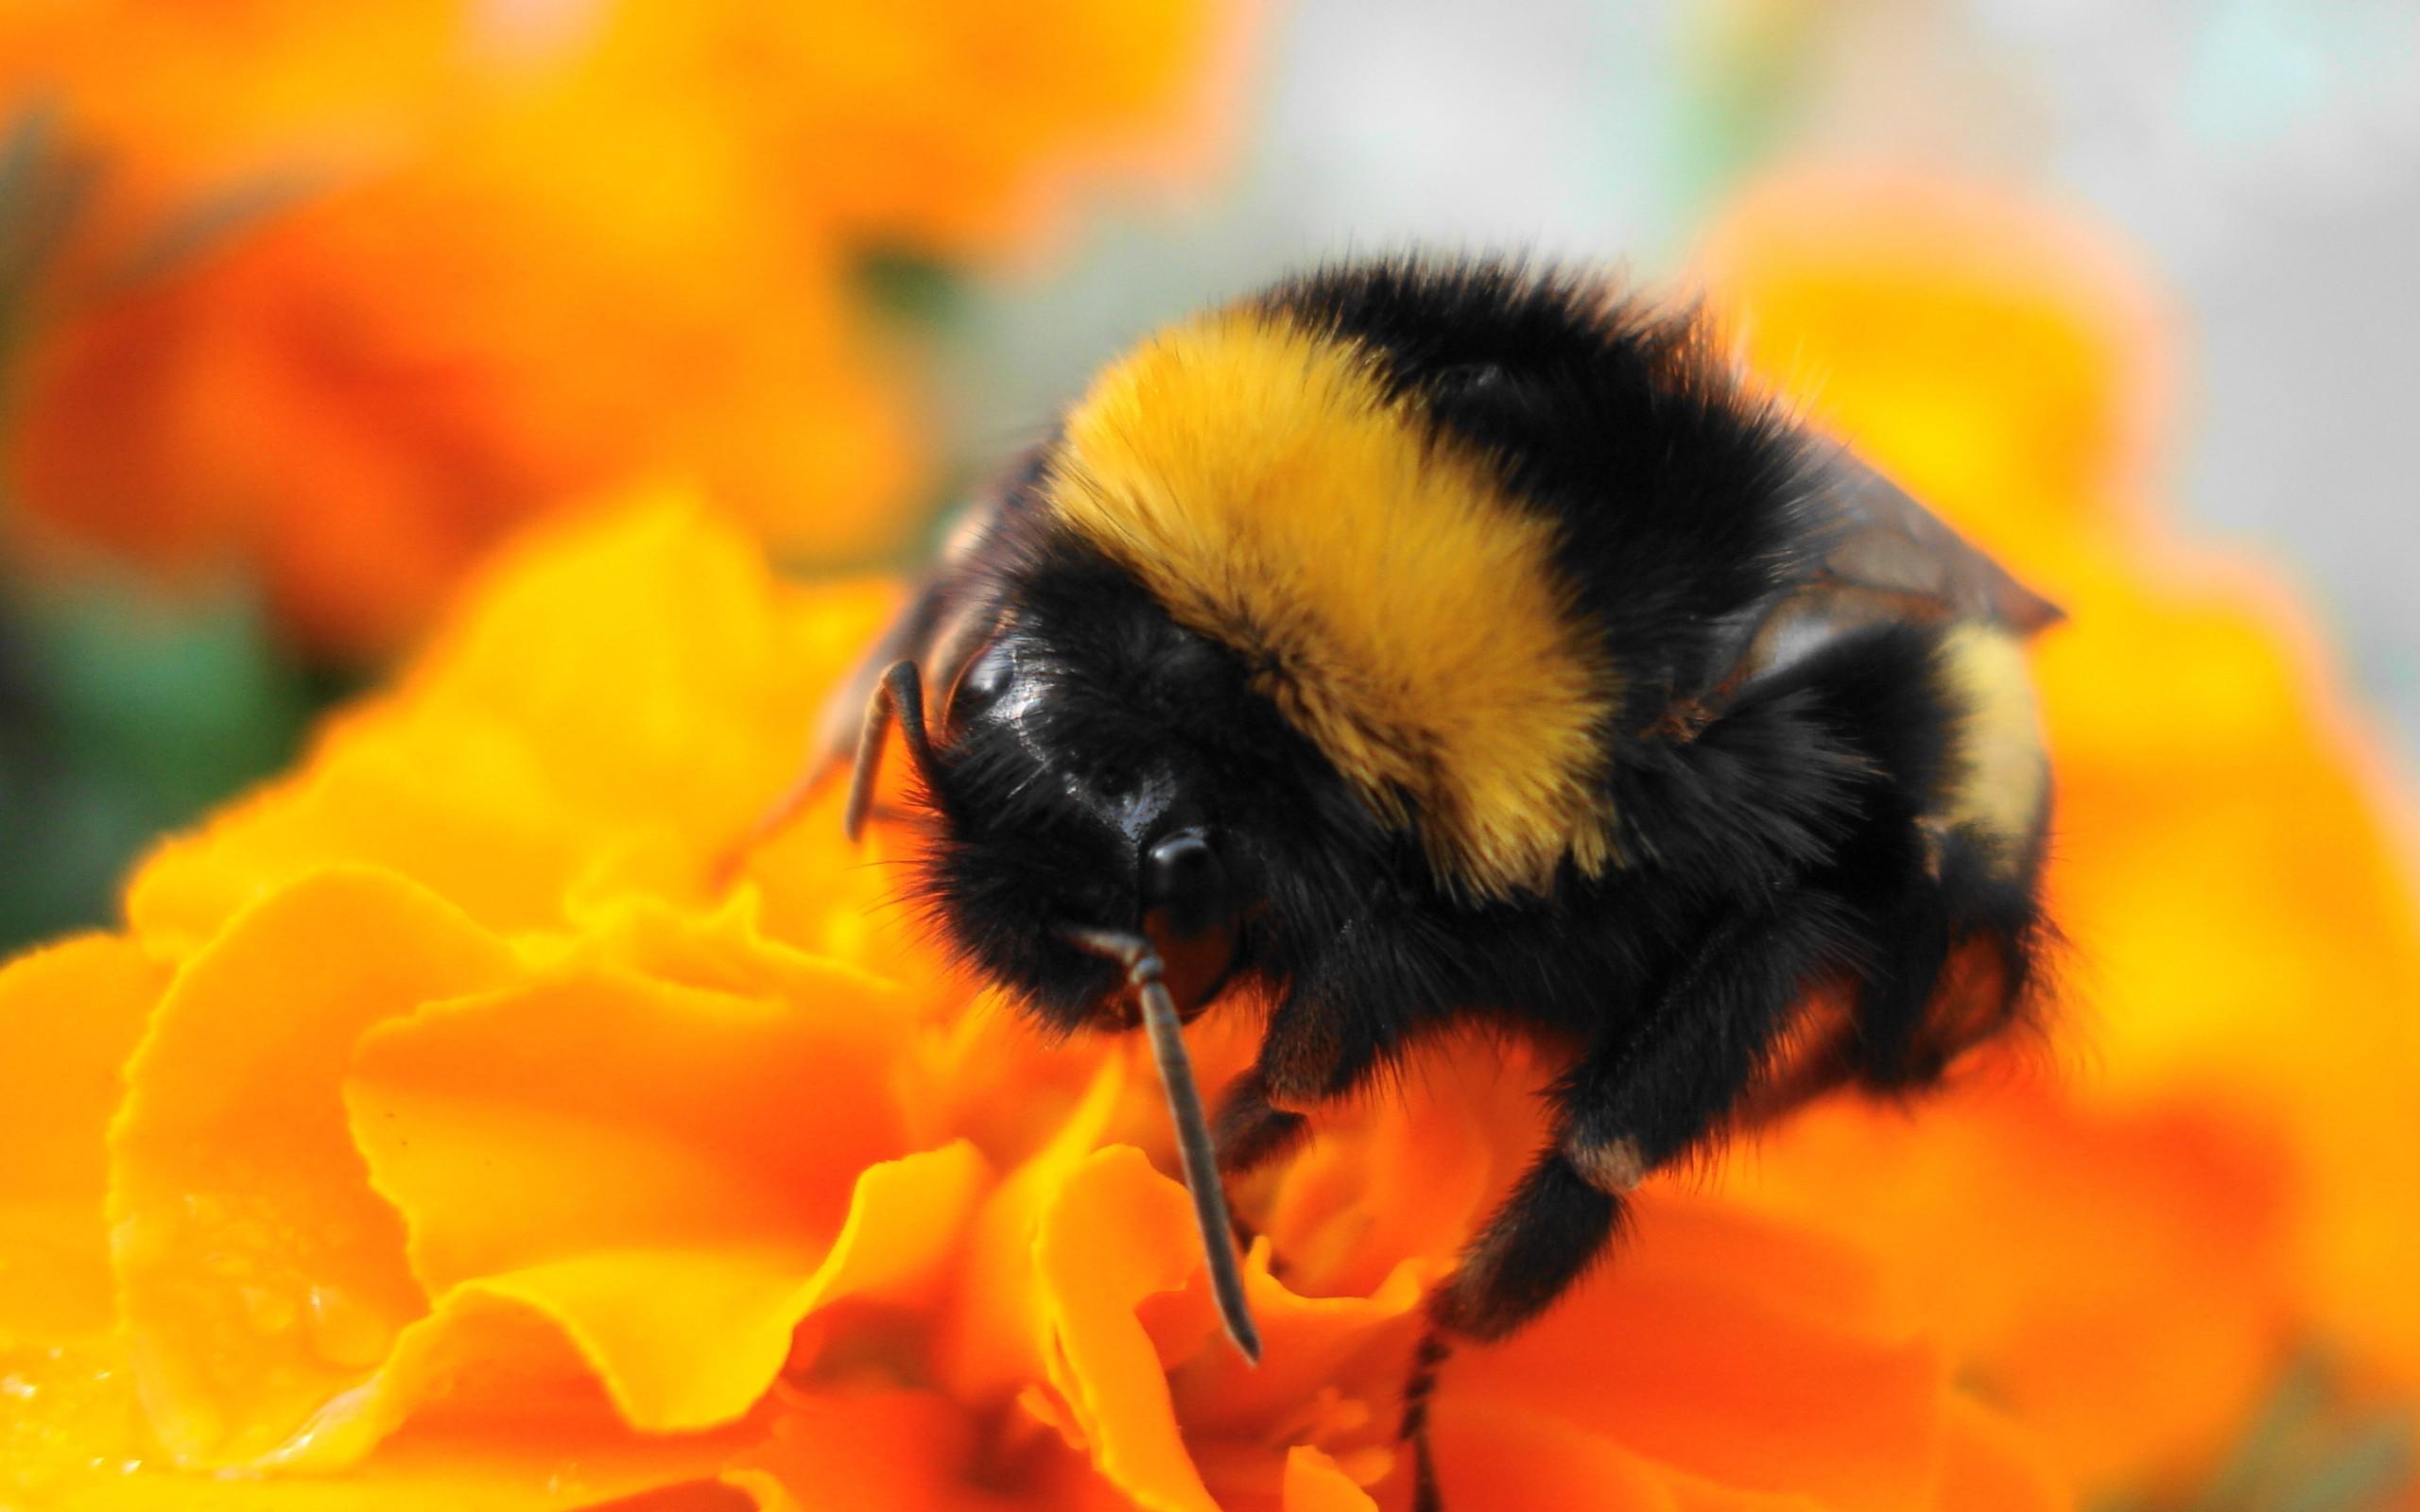 Una abeja y una flor amarilla - 2560x1600